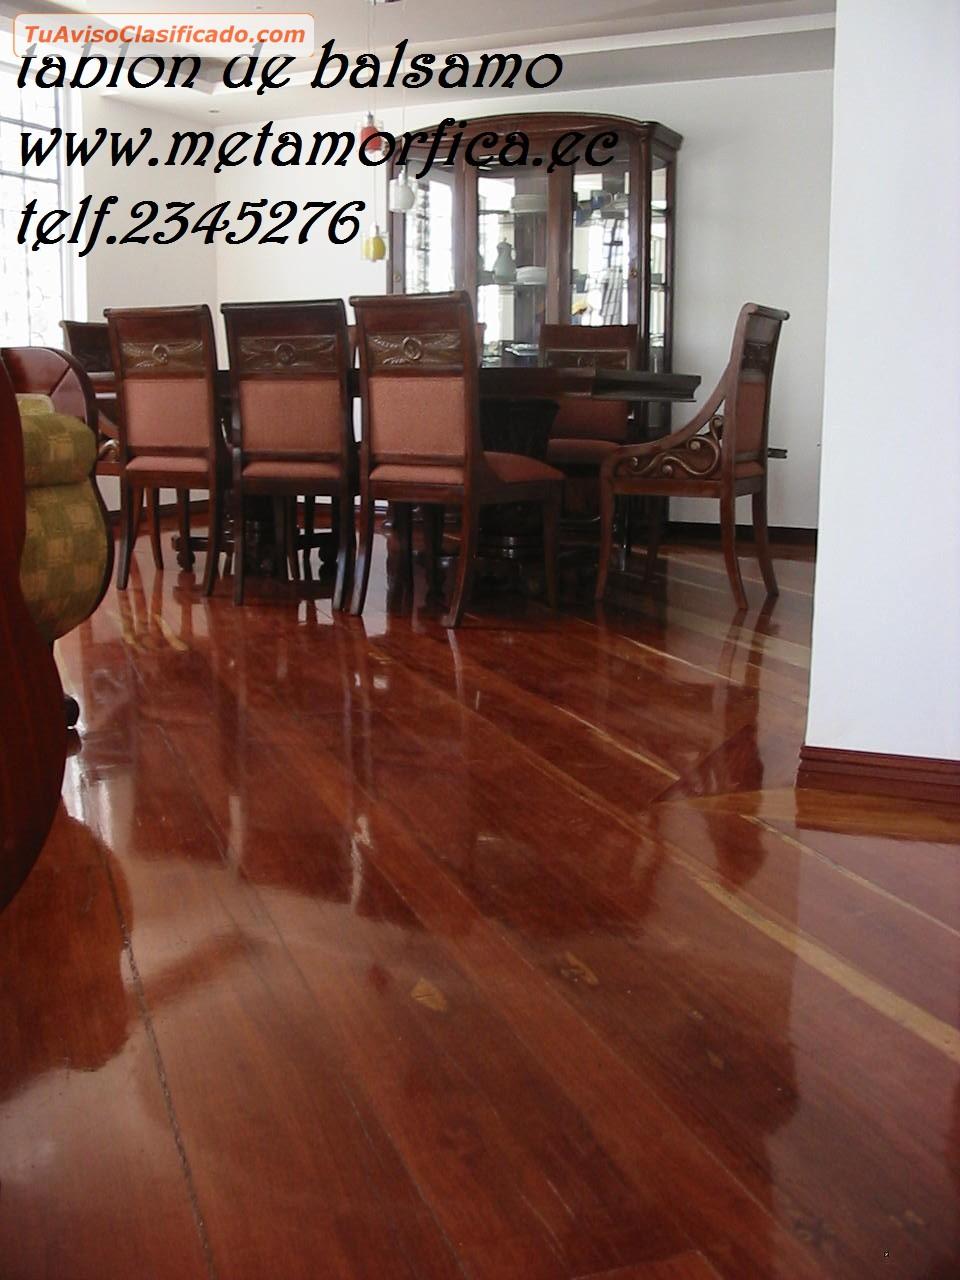 Suelo marmol precio m2 free marfil clsico with suelo for Marmol precio m2